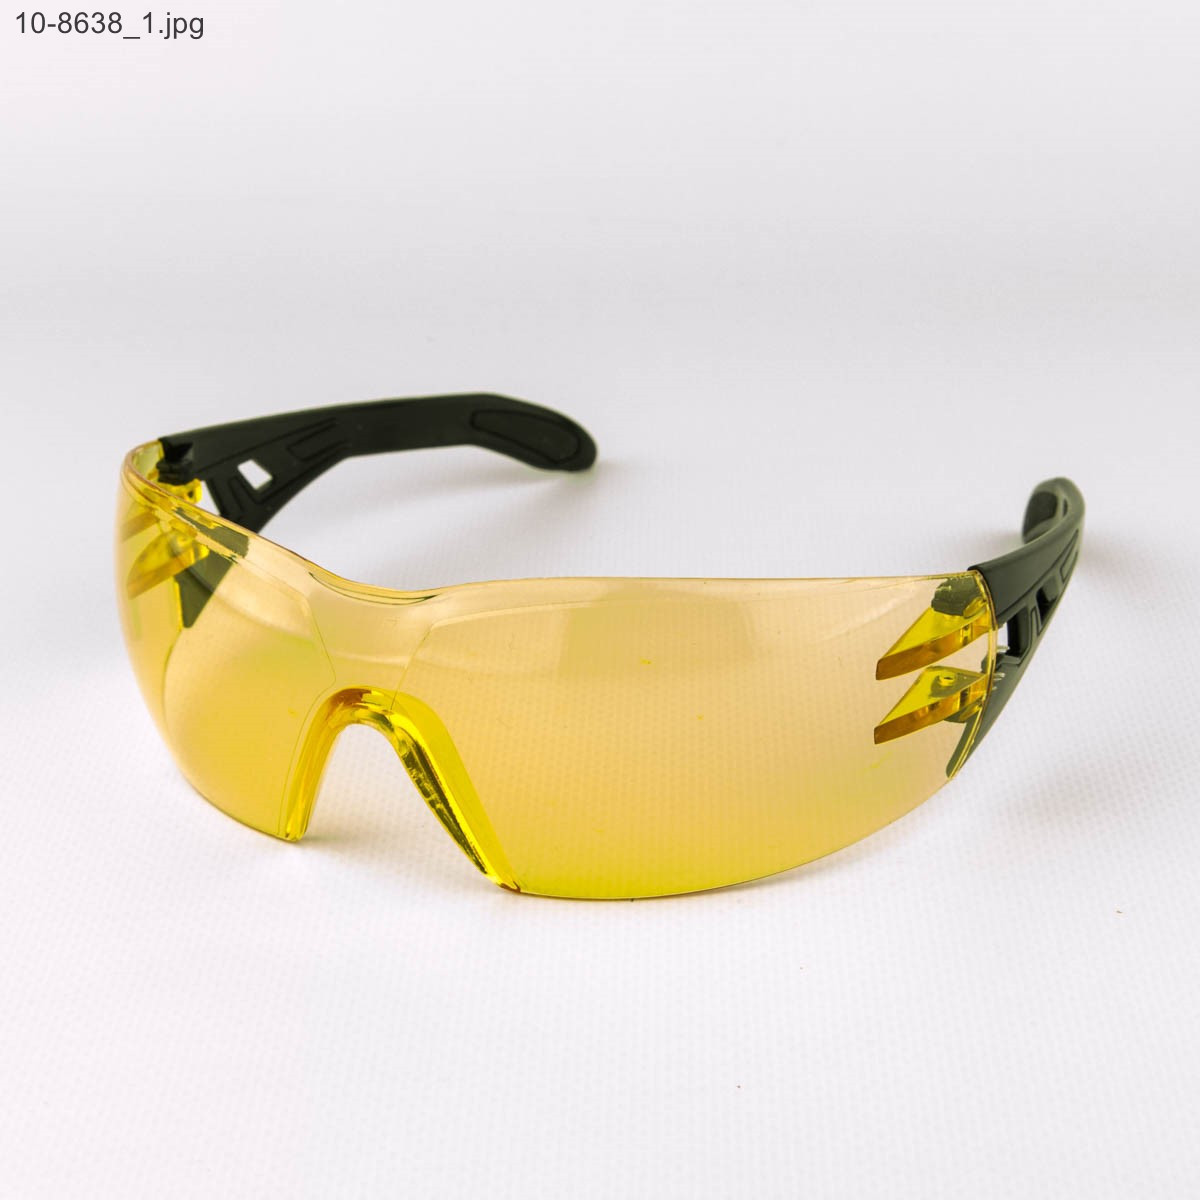 Оптом очки мужские спортивные - черные с желтыми линзами - 10-8638